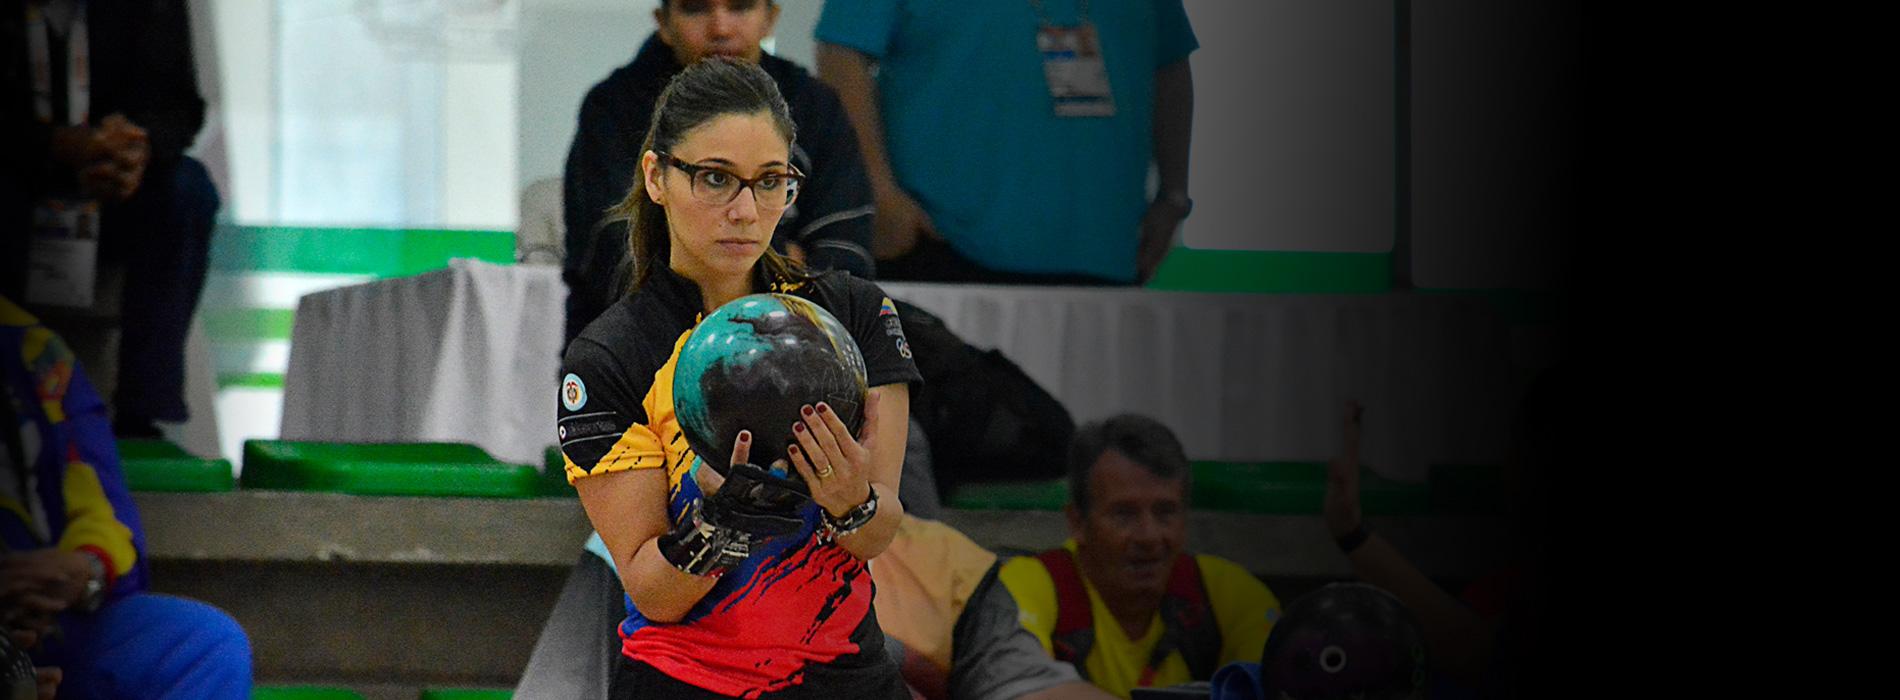 Clara Juliana Guerrero es la jugadora de bolos más destacada de Colombia.